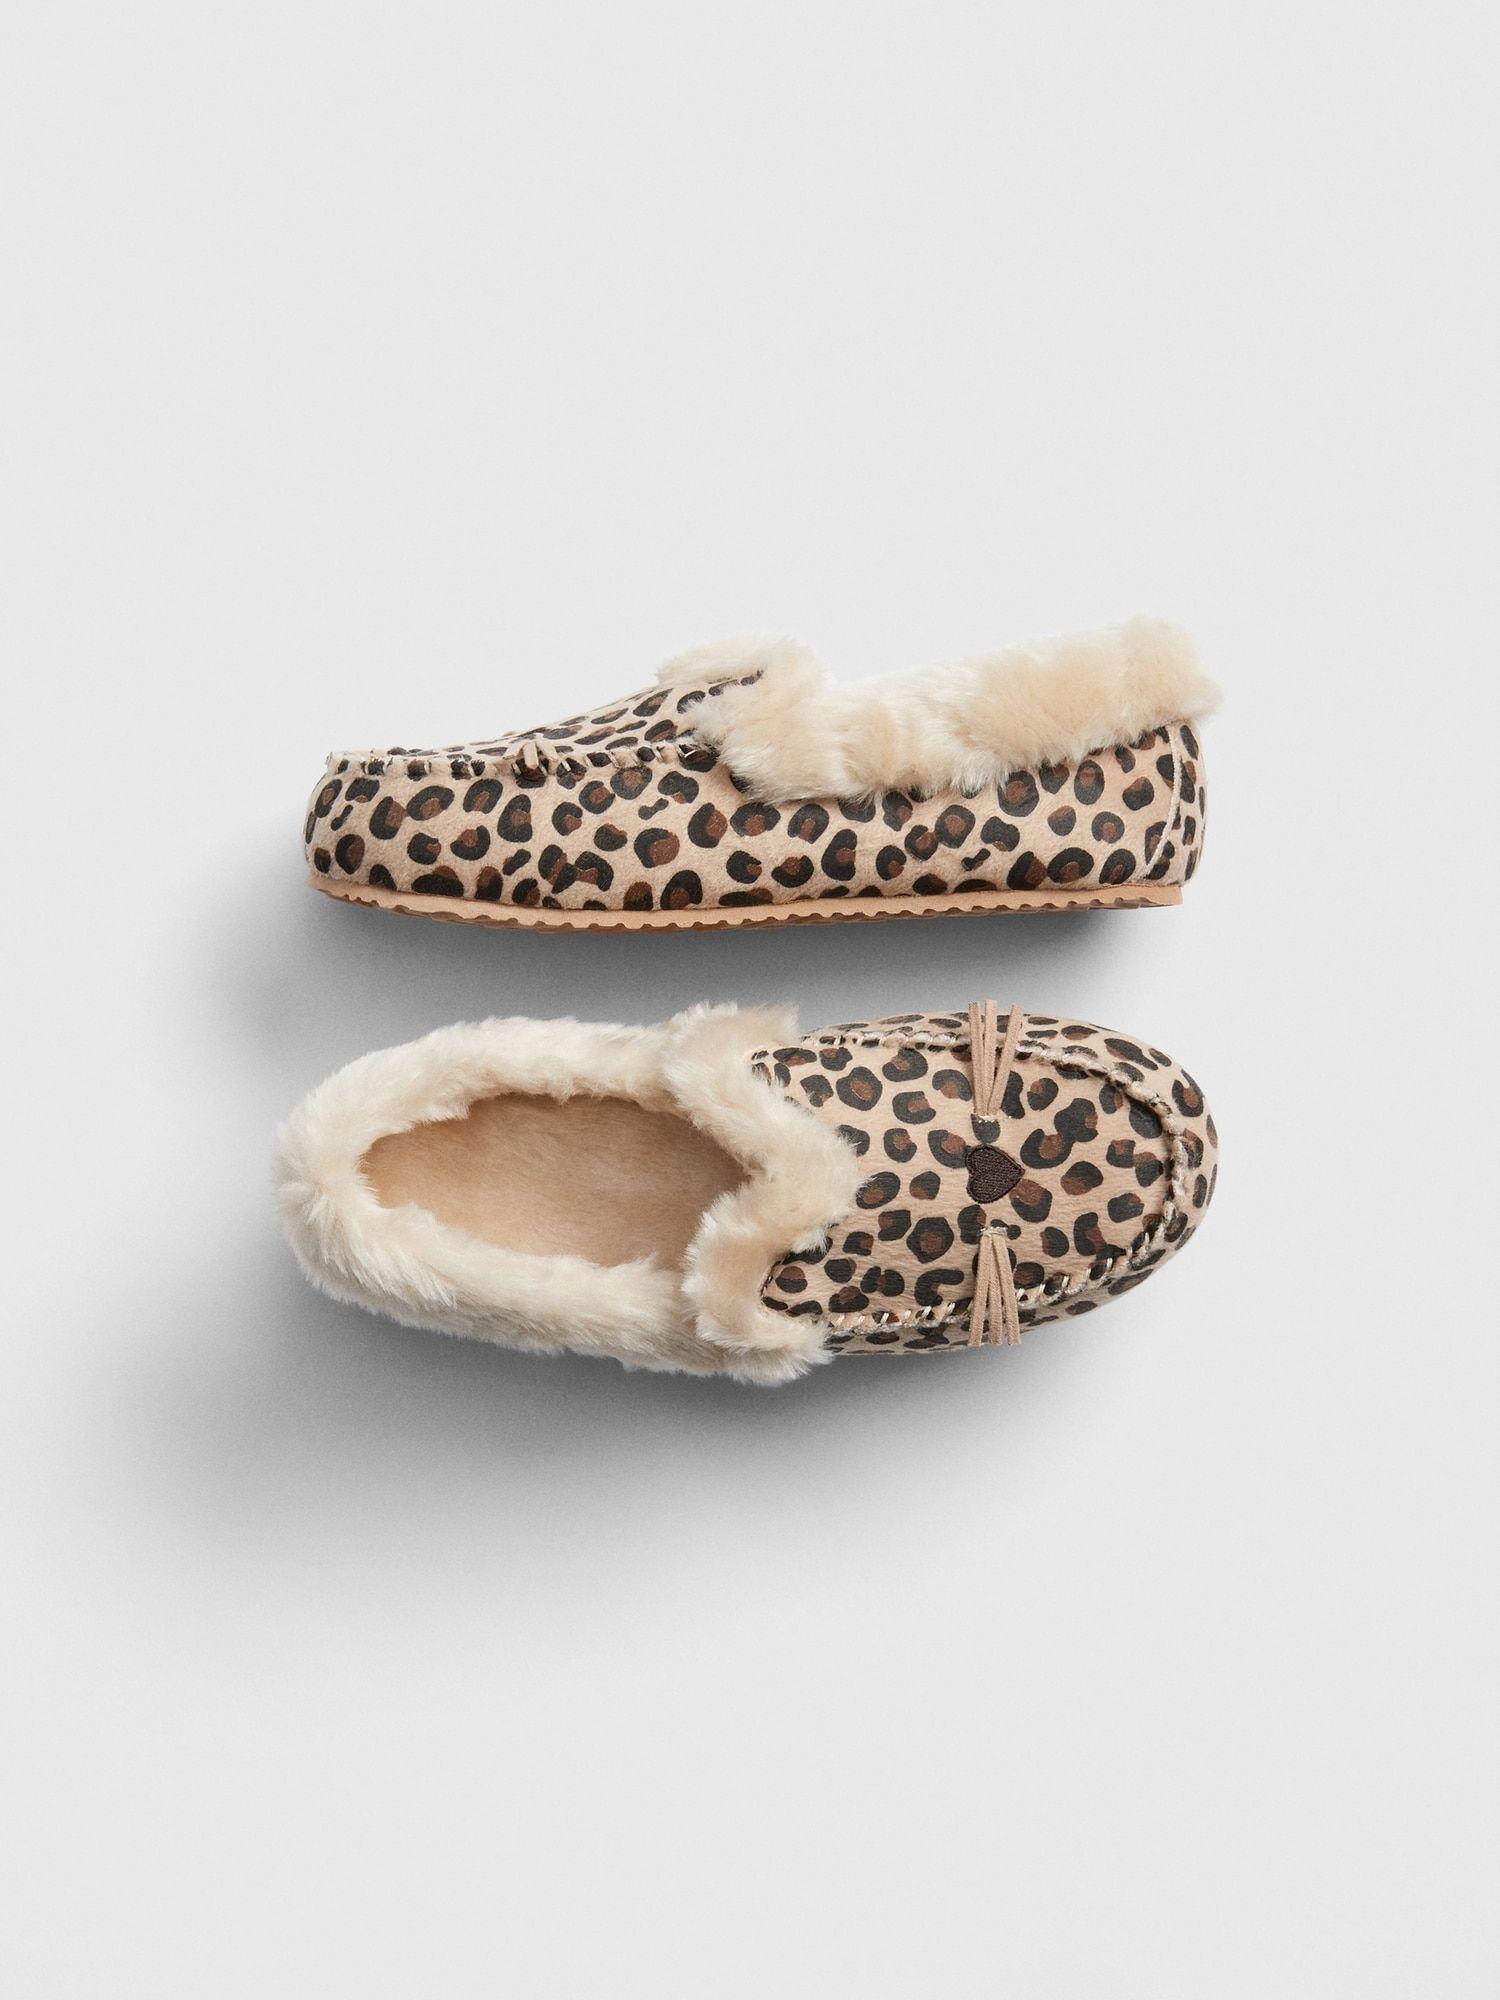 Kids Leopard Slippers   Leopard